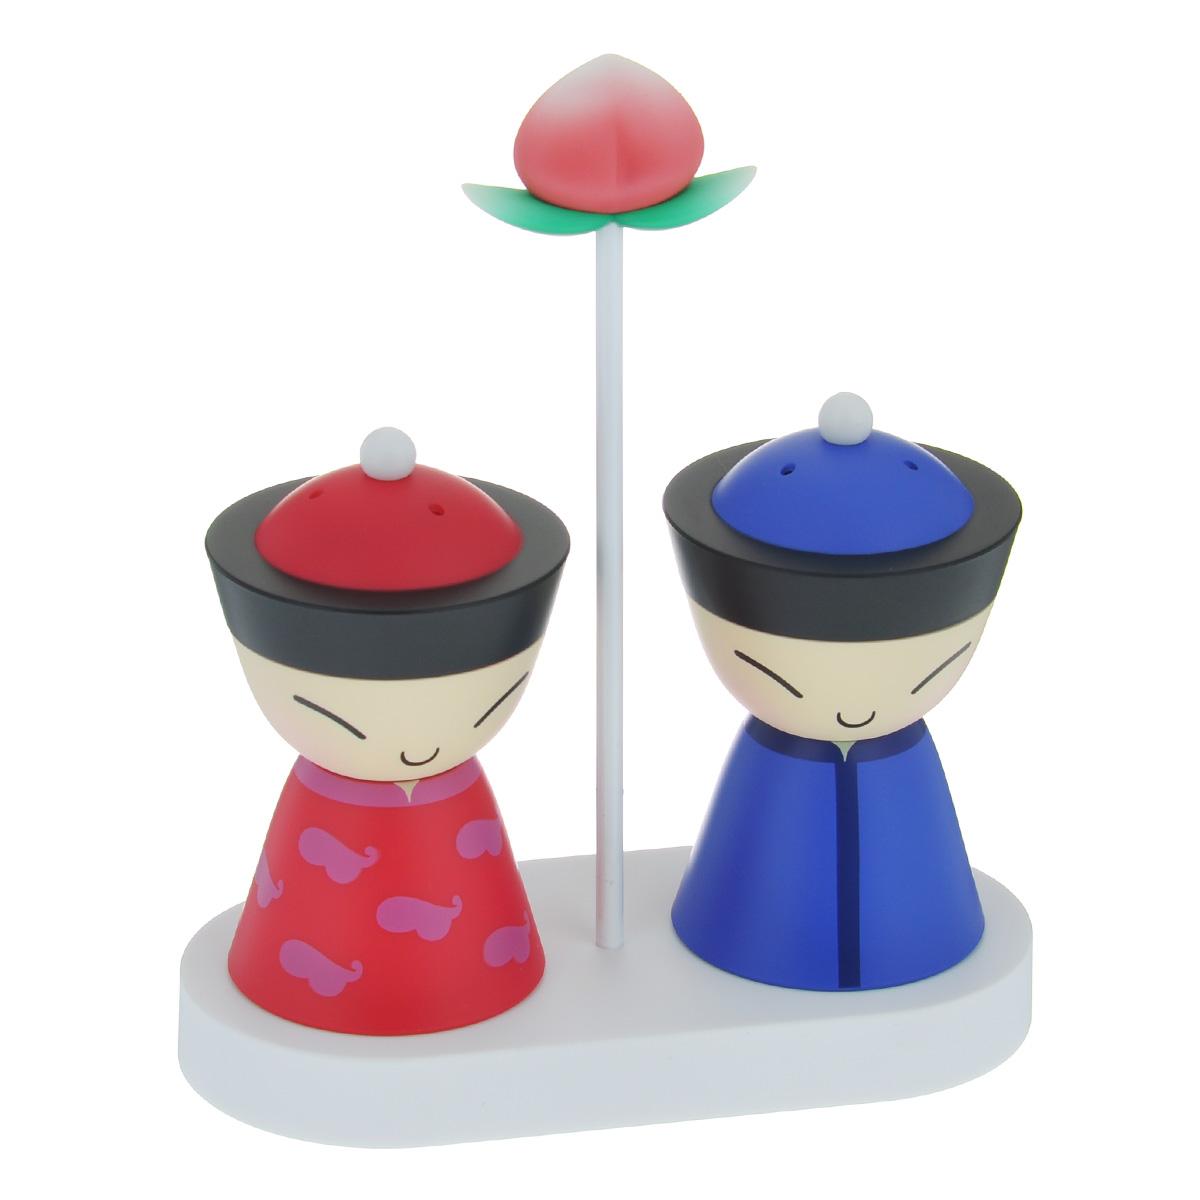 Набор для соли и перца Alessi Mr. & Mrs. Chin, цвет: синий, розовый, 3 предмета012.070600.002Набор для соли и перца Alessi Mr. & Mrs. Chin состоит из двух емкостей и подставки. Изделия выполнены из высокопрочного пластика. С помощью магнитов емкости плотно удерживаются на подставке, даже в перевернутом виде. Для того чтобы наполнить емкость, просто поверните крышку против часовой стрелки. Набор, выполненный в восточном стиле, стильно оформит интерьер кухни и порадует качеством исполнения. Не рекомендуется мыть в посудомоечной машине.